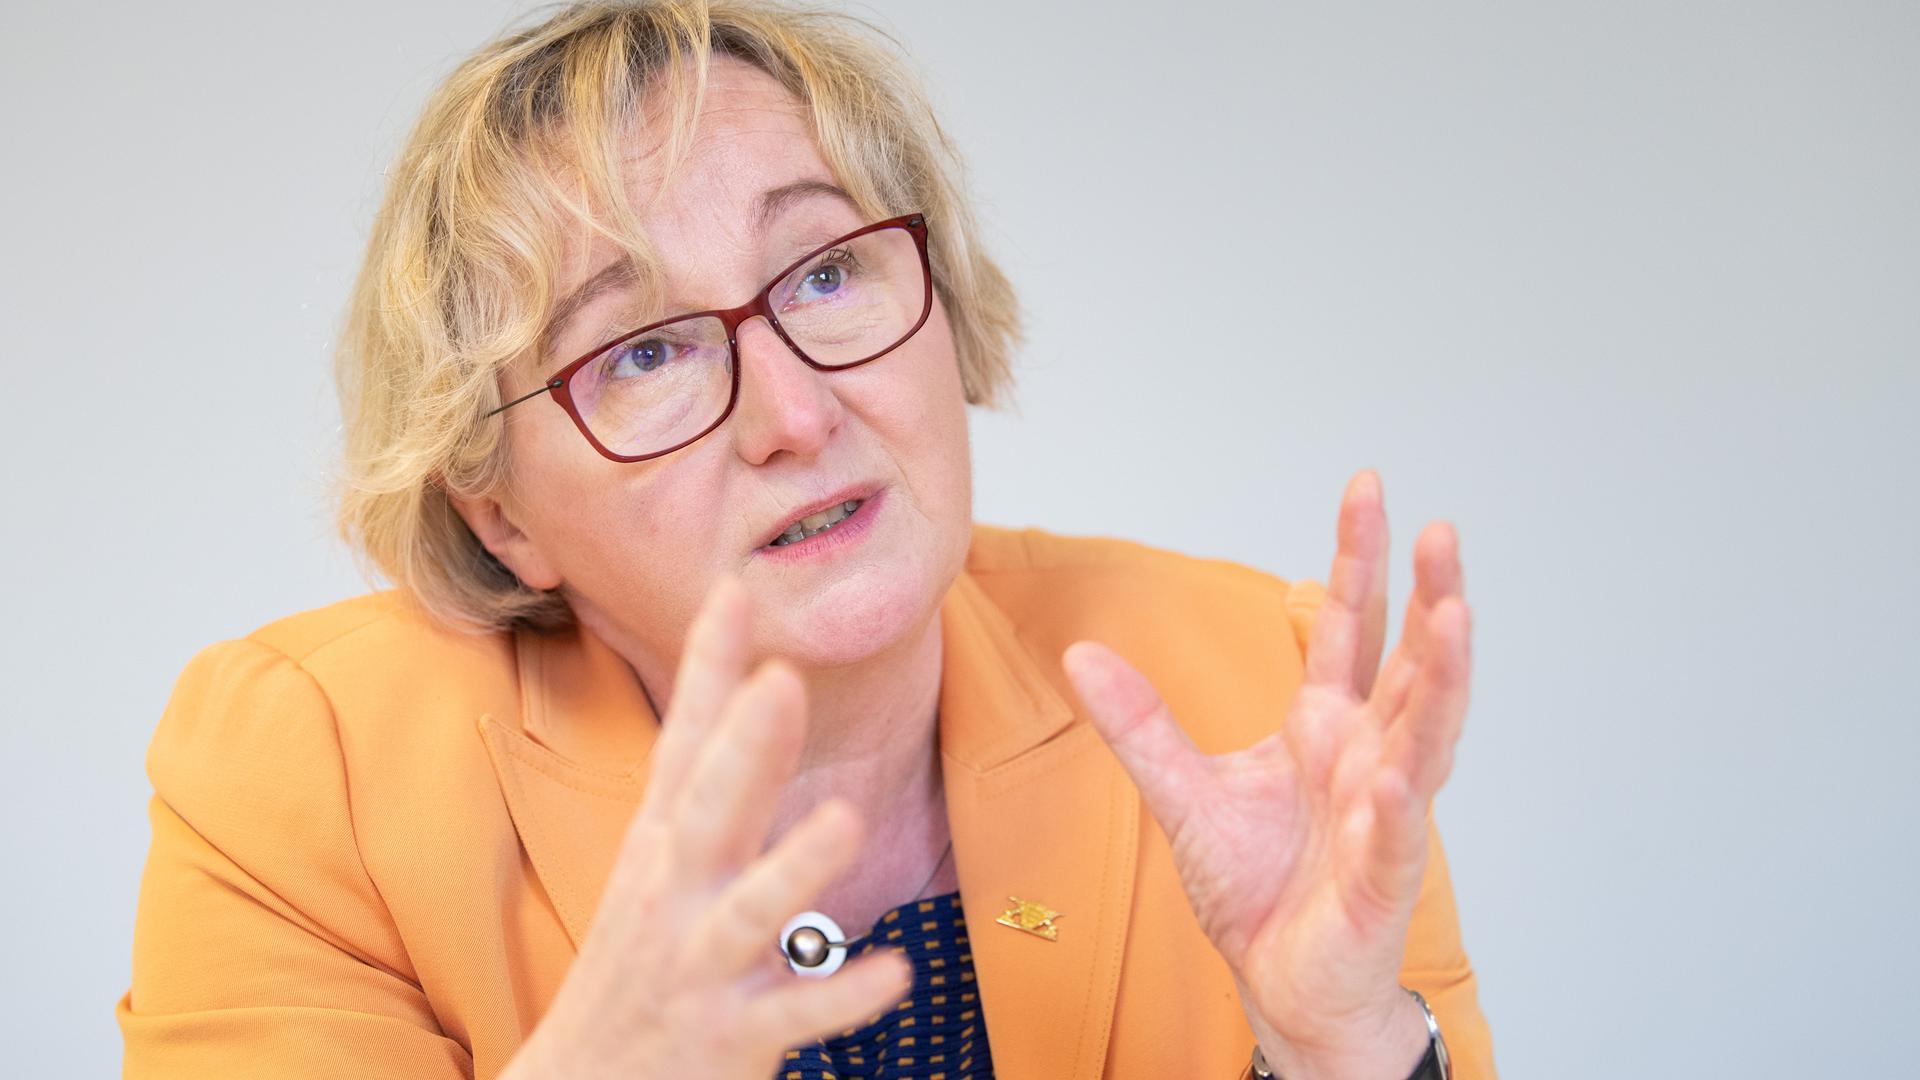 Lernen vor Ort: Laut Wissenschaftsministerin Theresia Bauer ist es nun wichtig, mit Nachdruck zur Präsenz an den Hochschulen zurückzukehren.